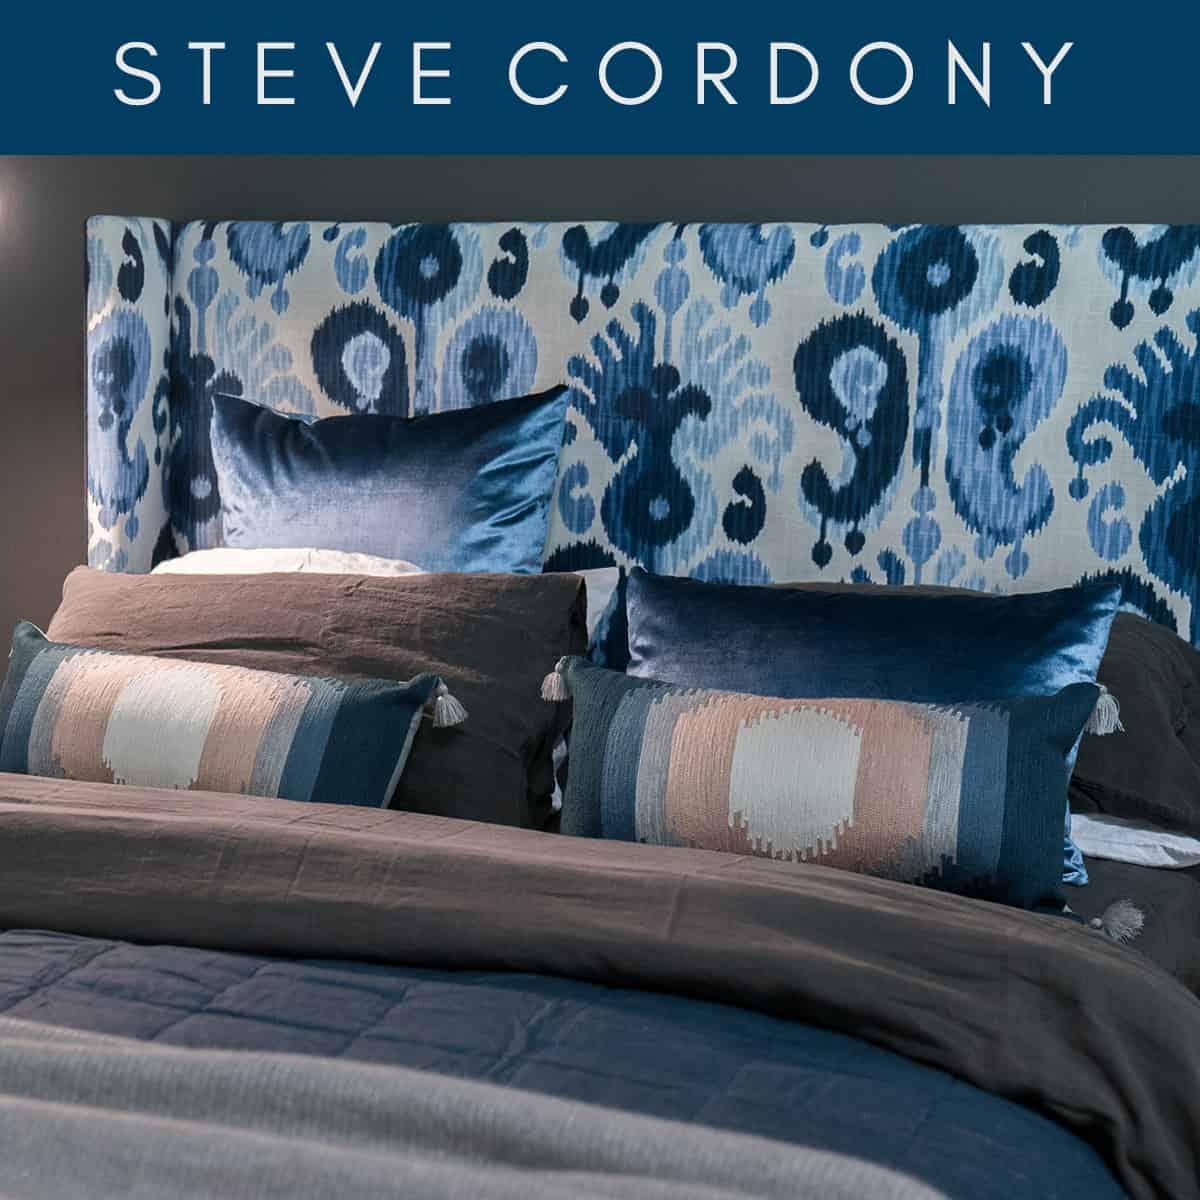 Steve Cordoni